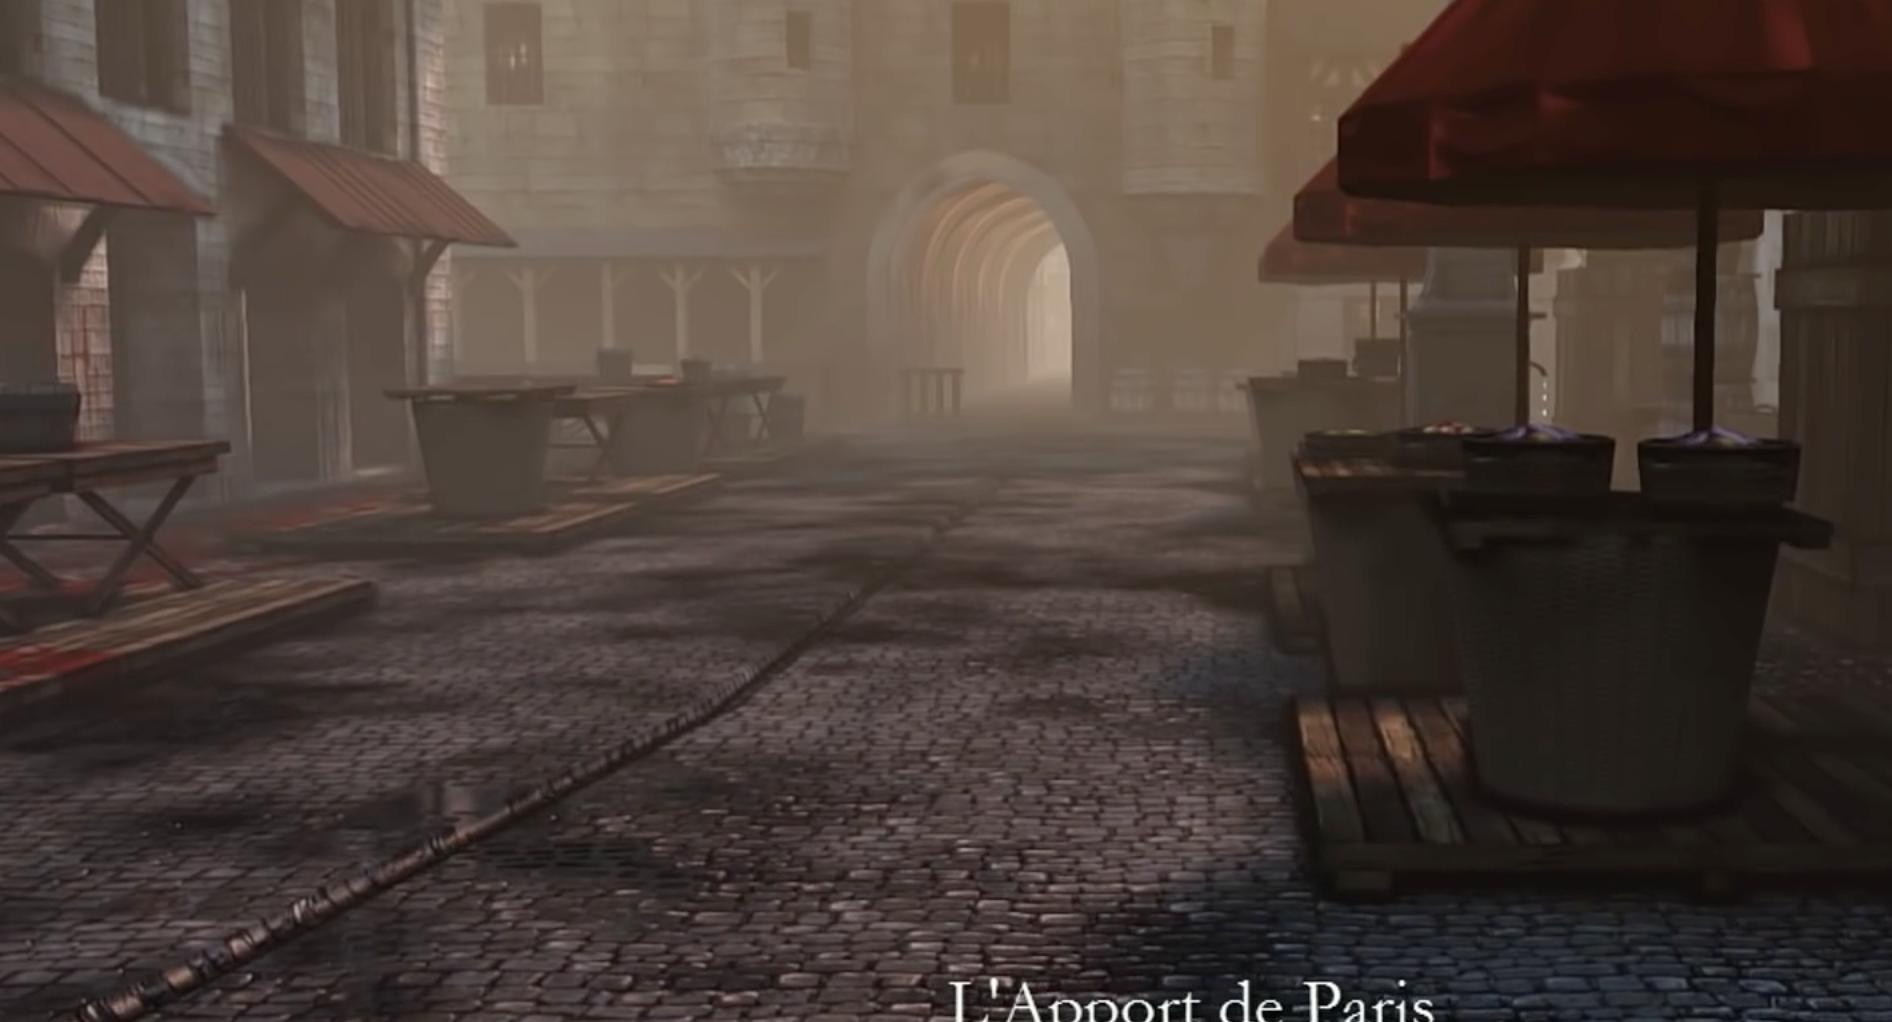 Zo klonk Parijs in de achttiende eeuw